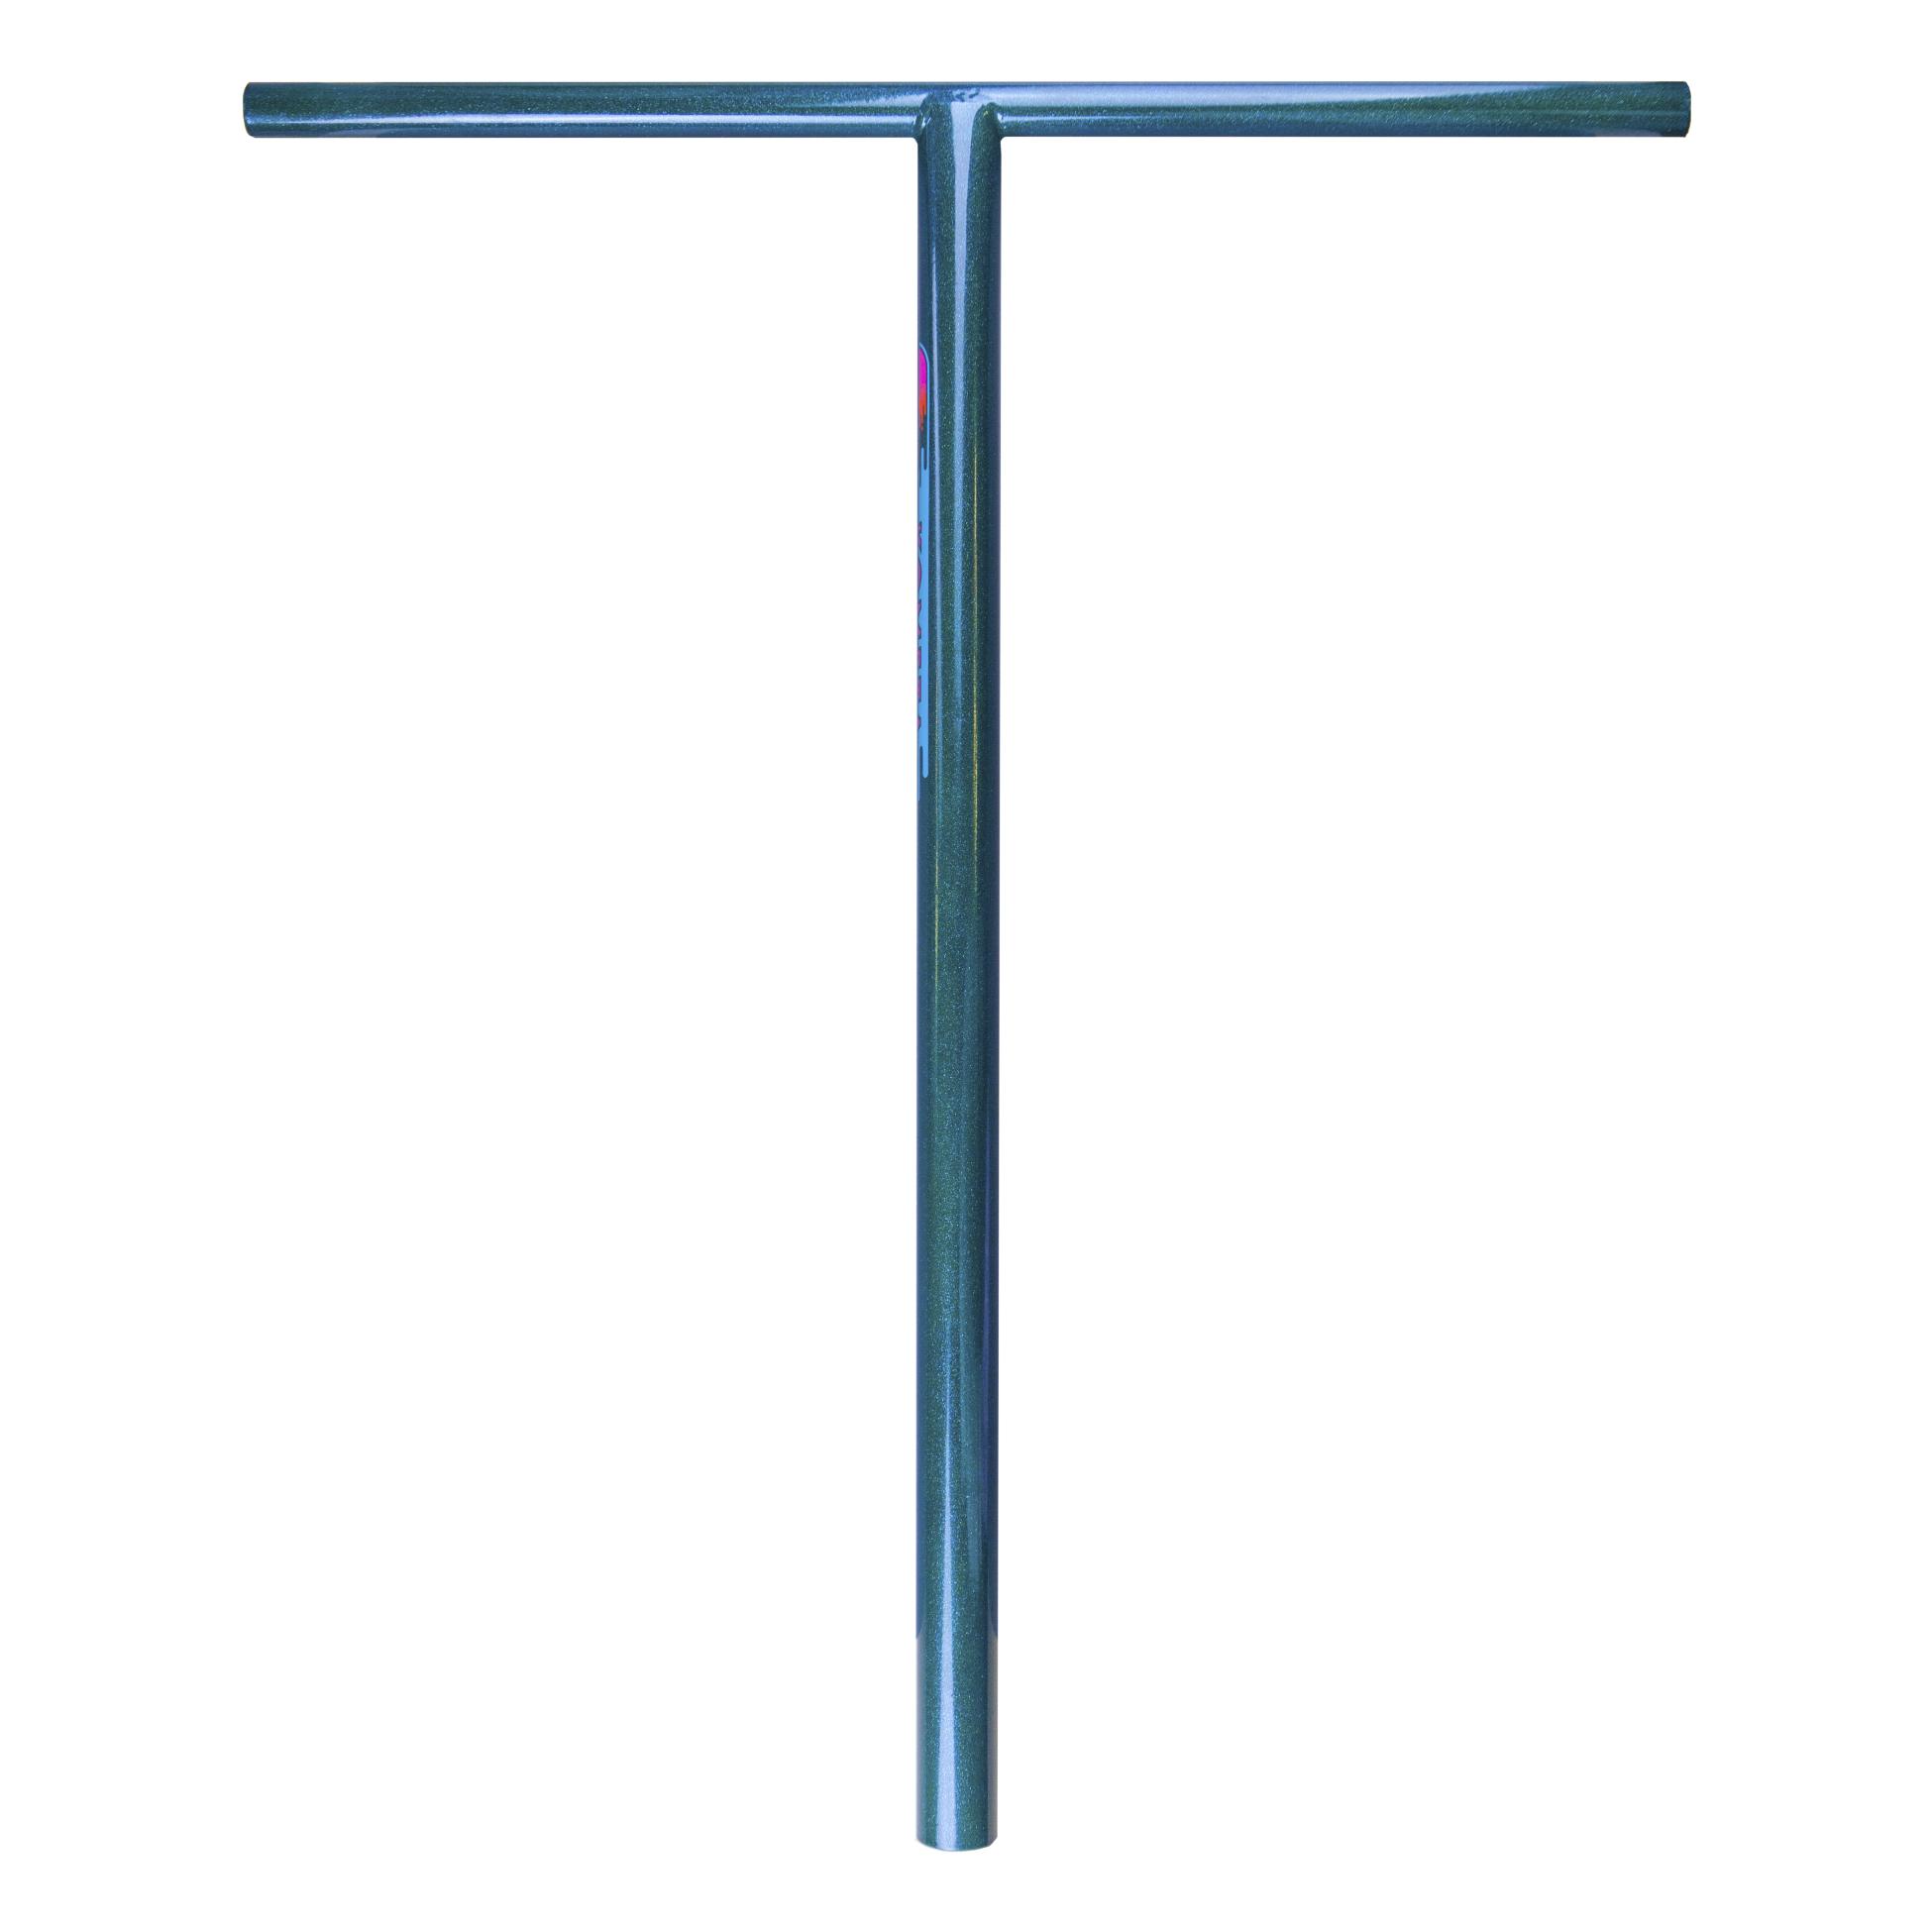 Руль для трюкового самоката КОМЕТА V2 Oversized 34.9 (Nephritis)